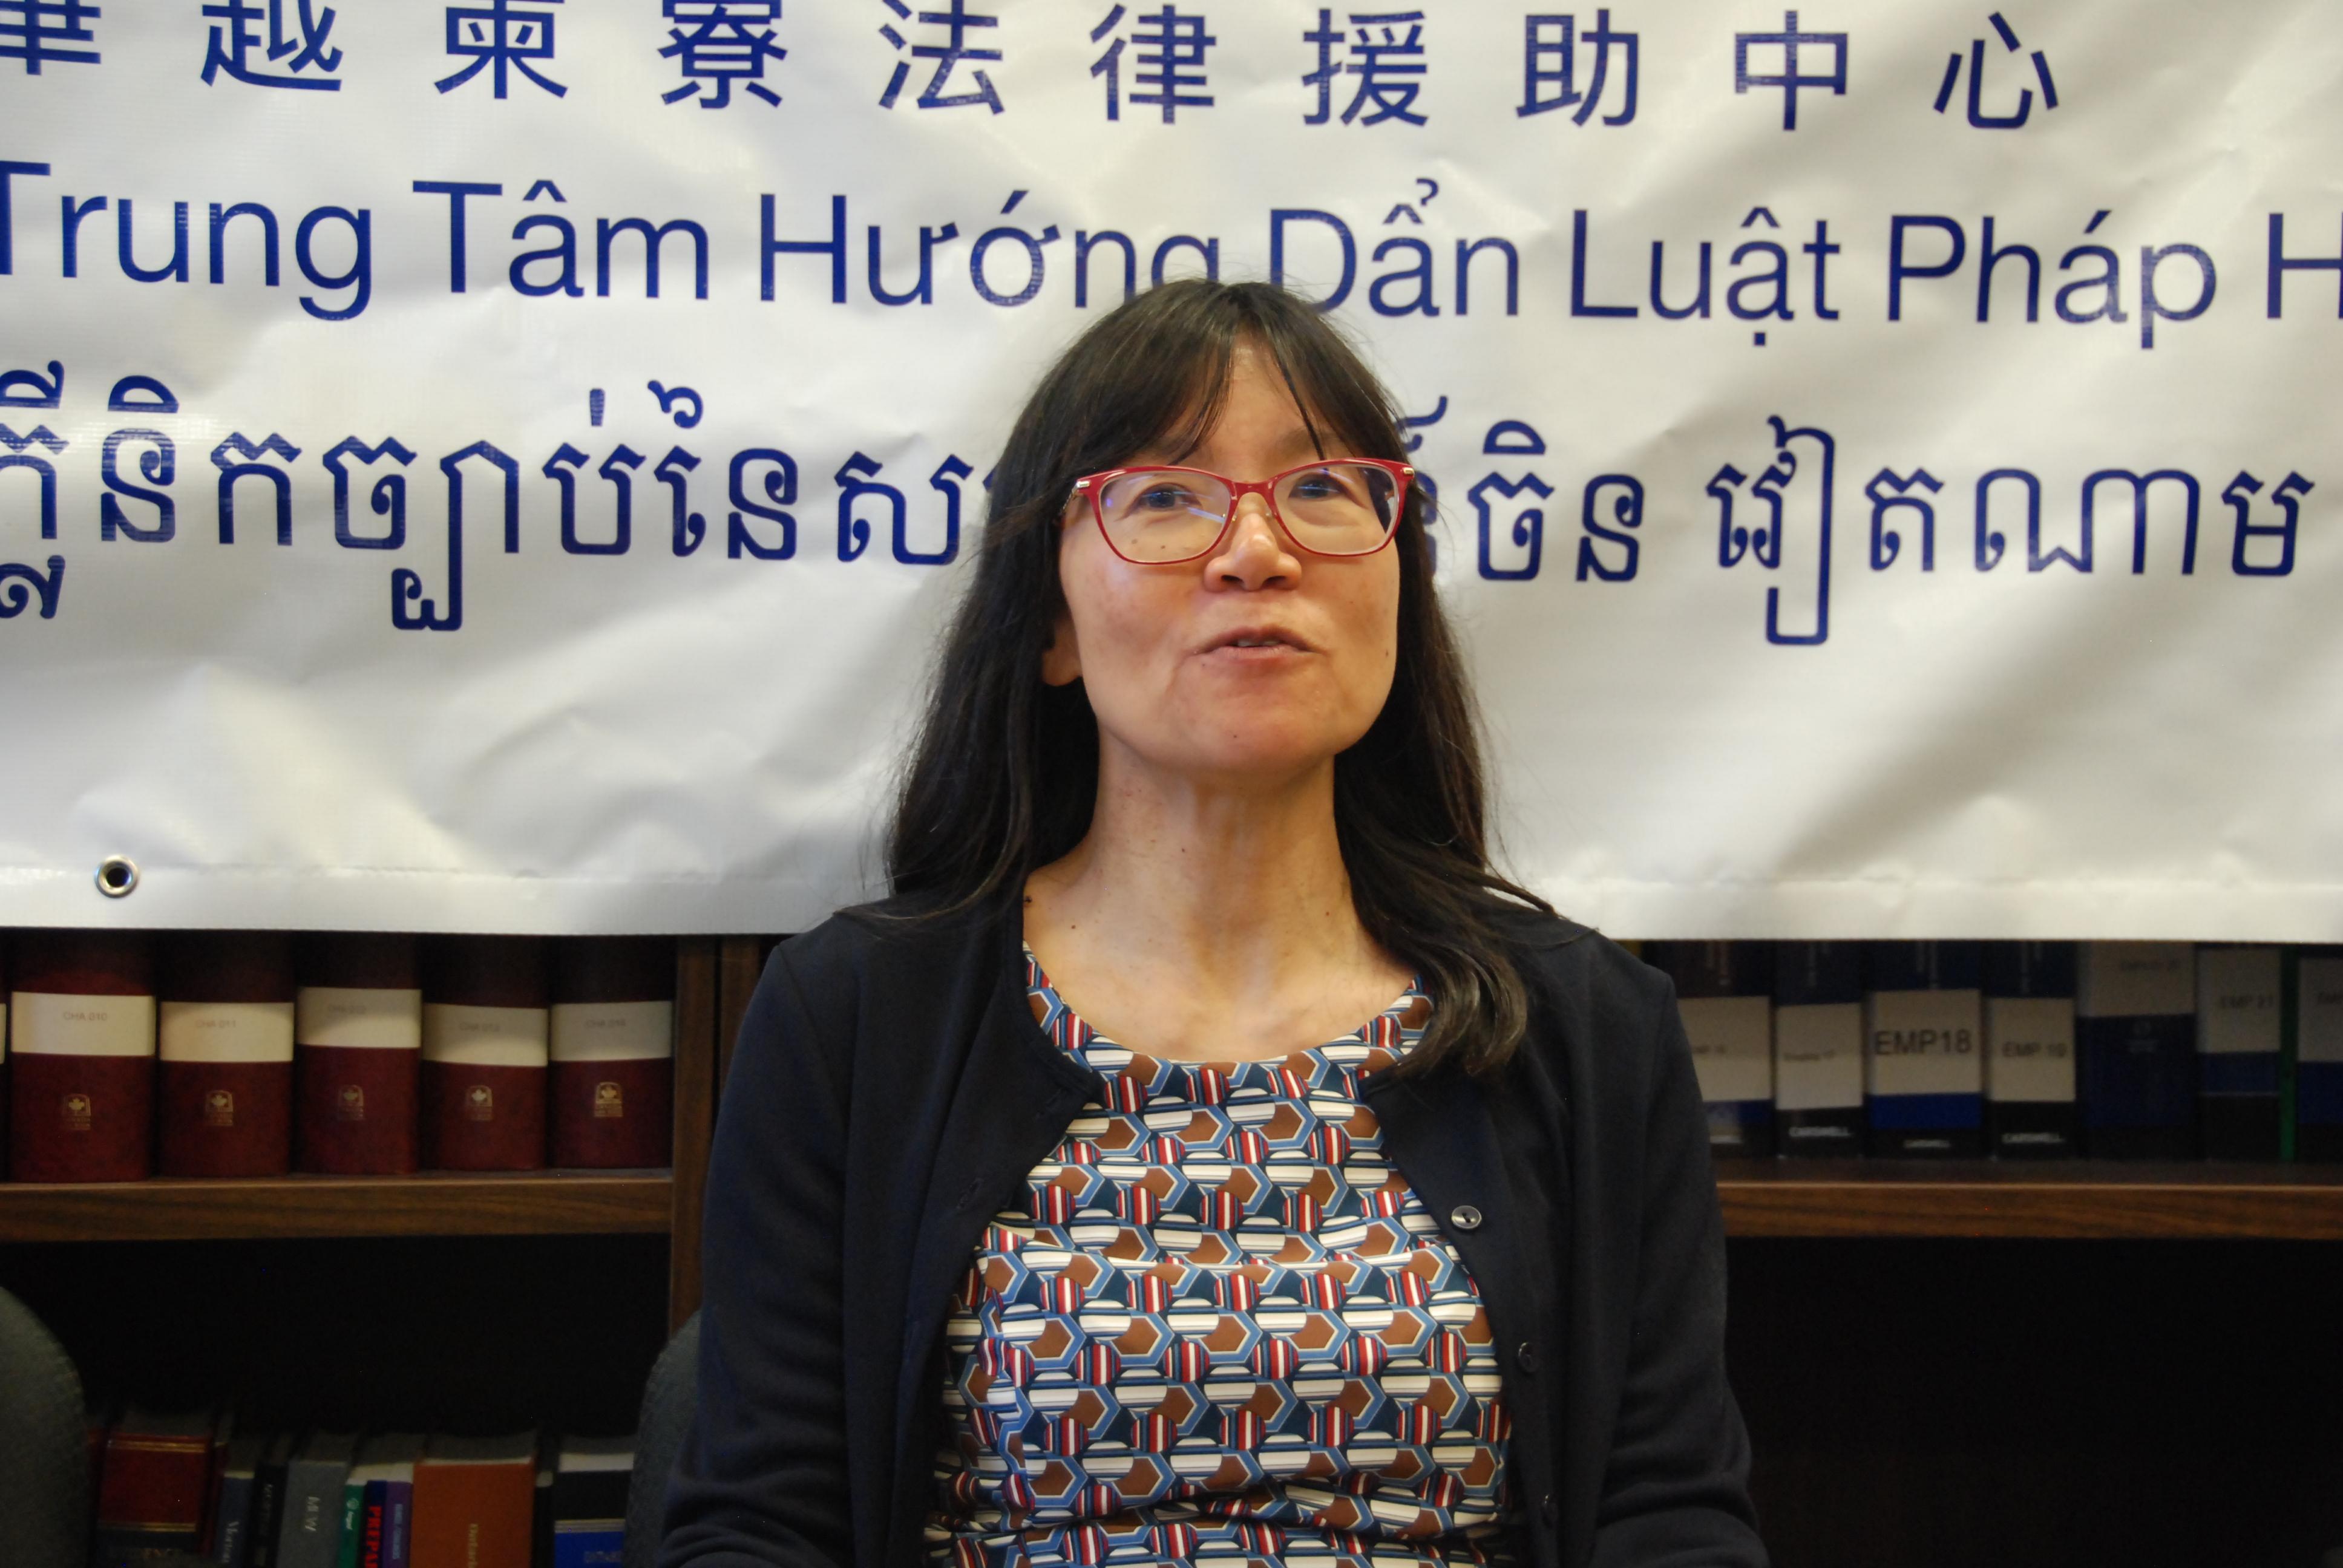 华越柬寮法律援助中心总监吴瑶瑶律师。(伊铃/大纪元)